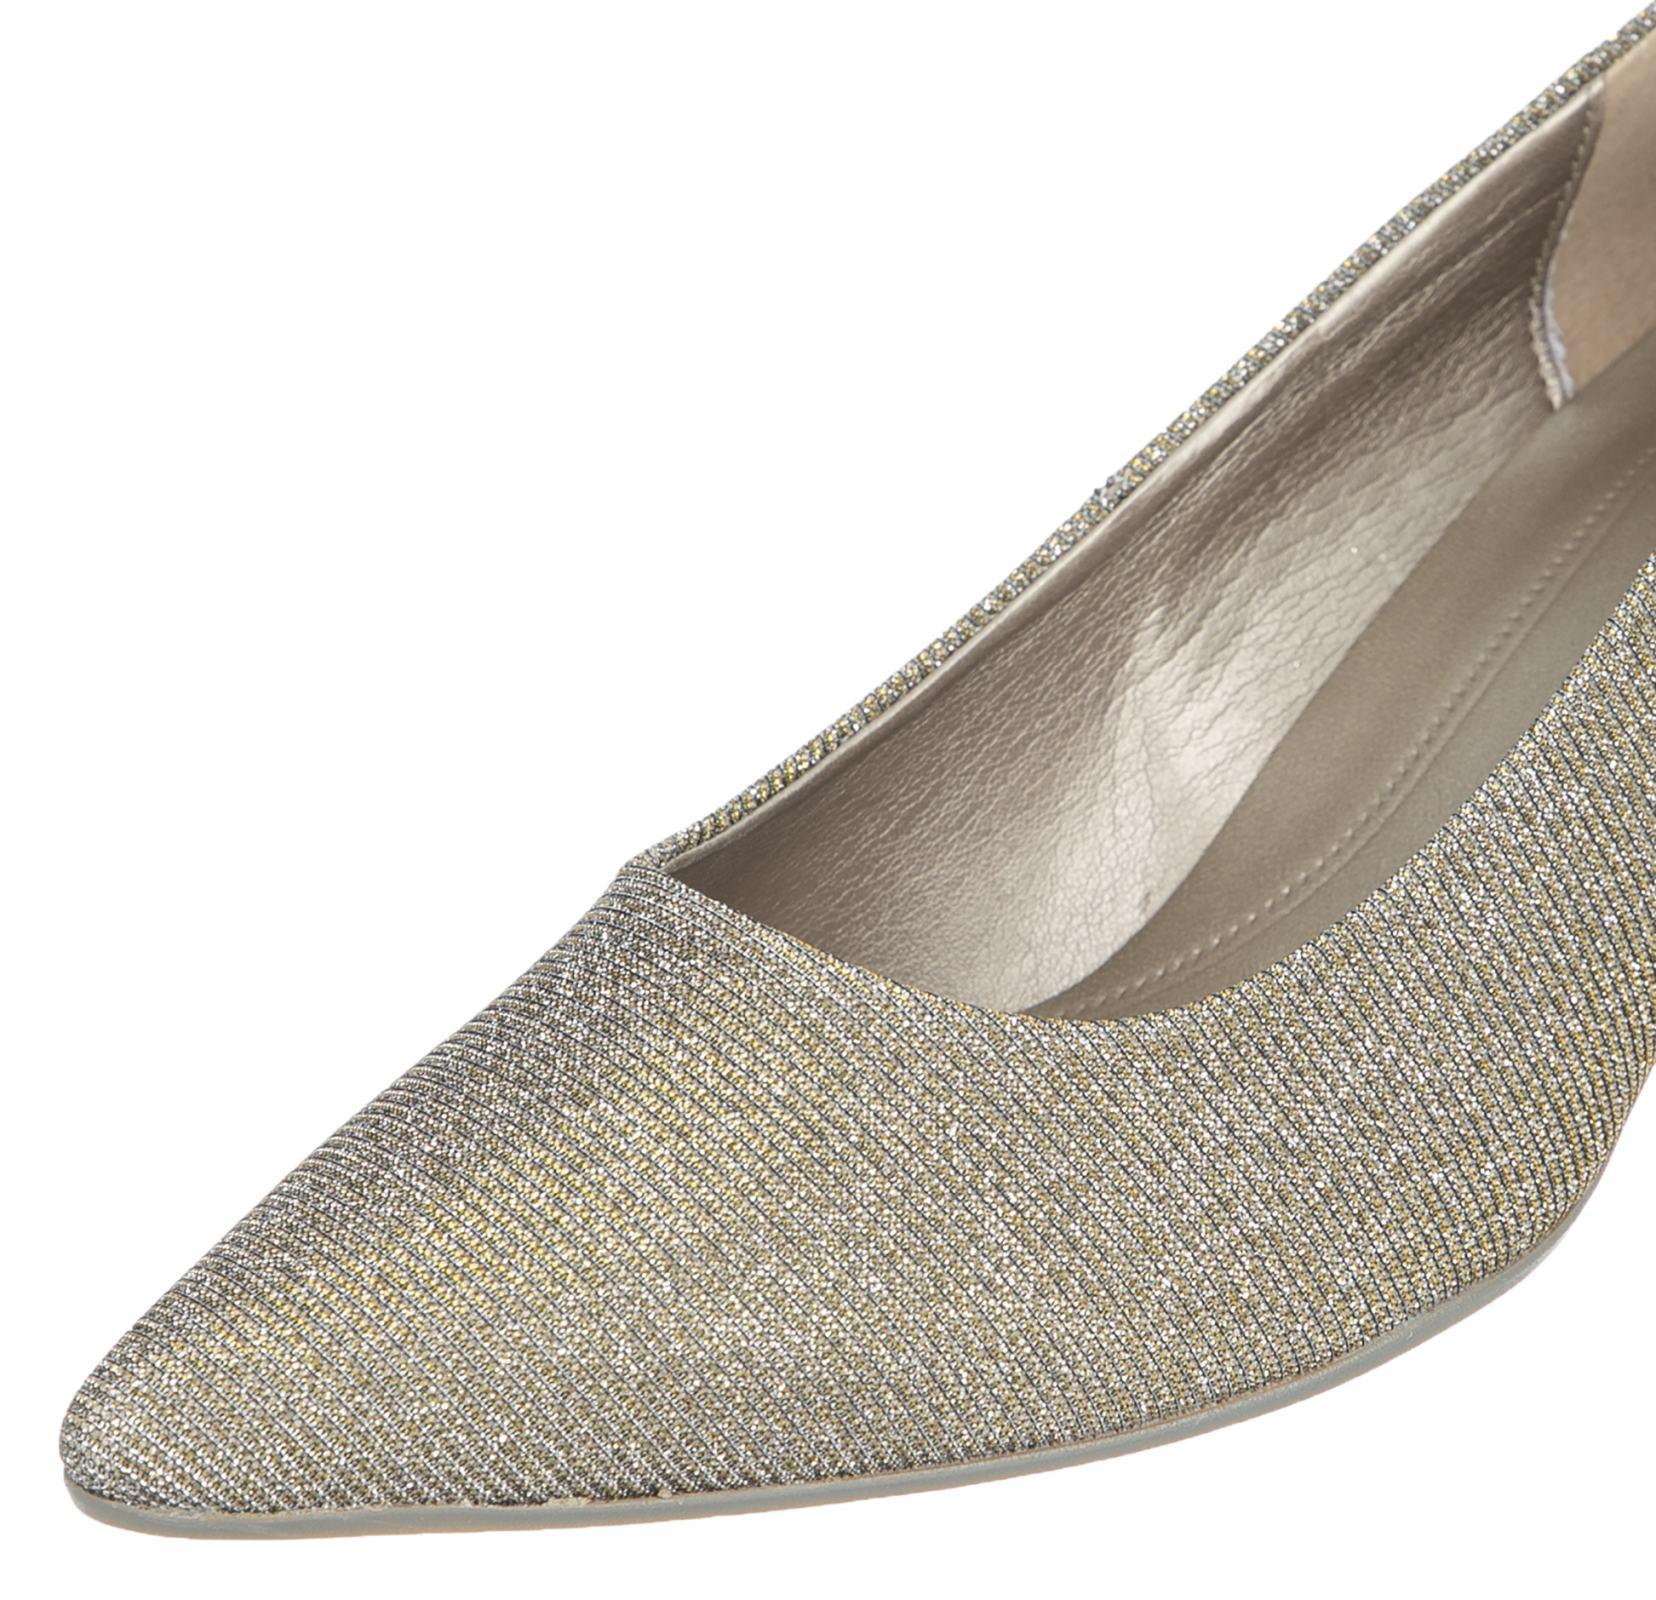 کفش زنانه گابور مدل 81.250.62 main 1 6